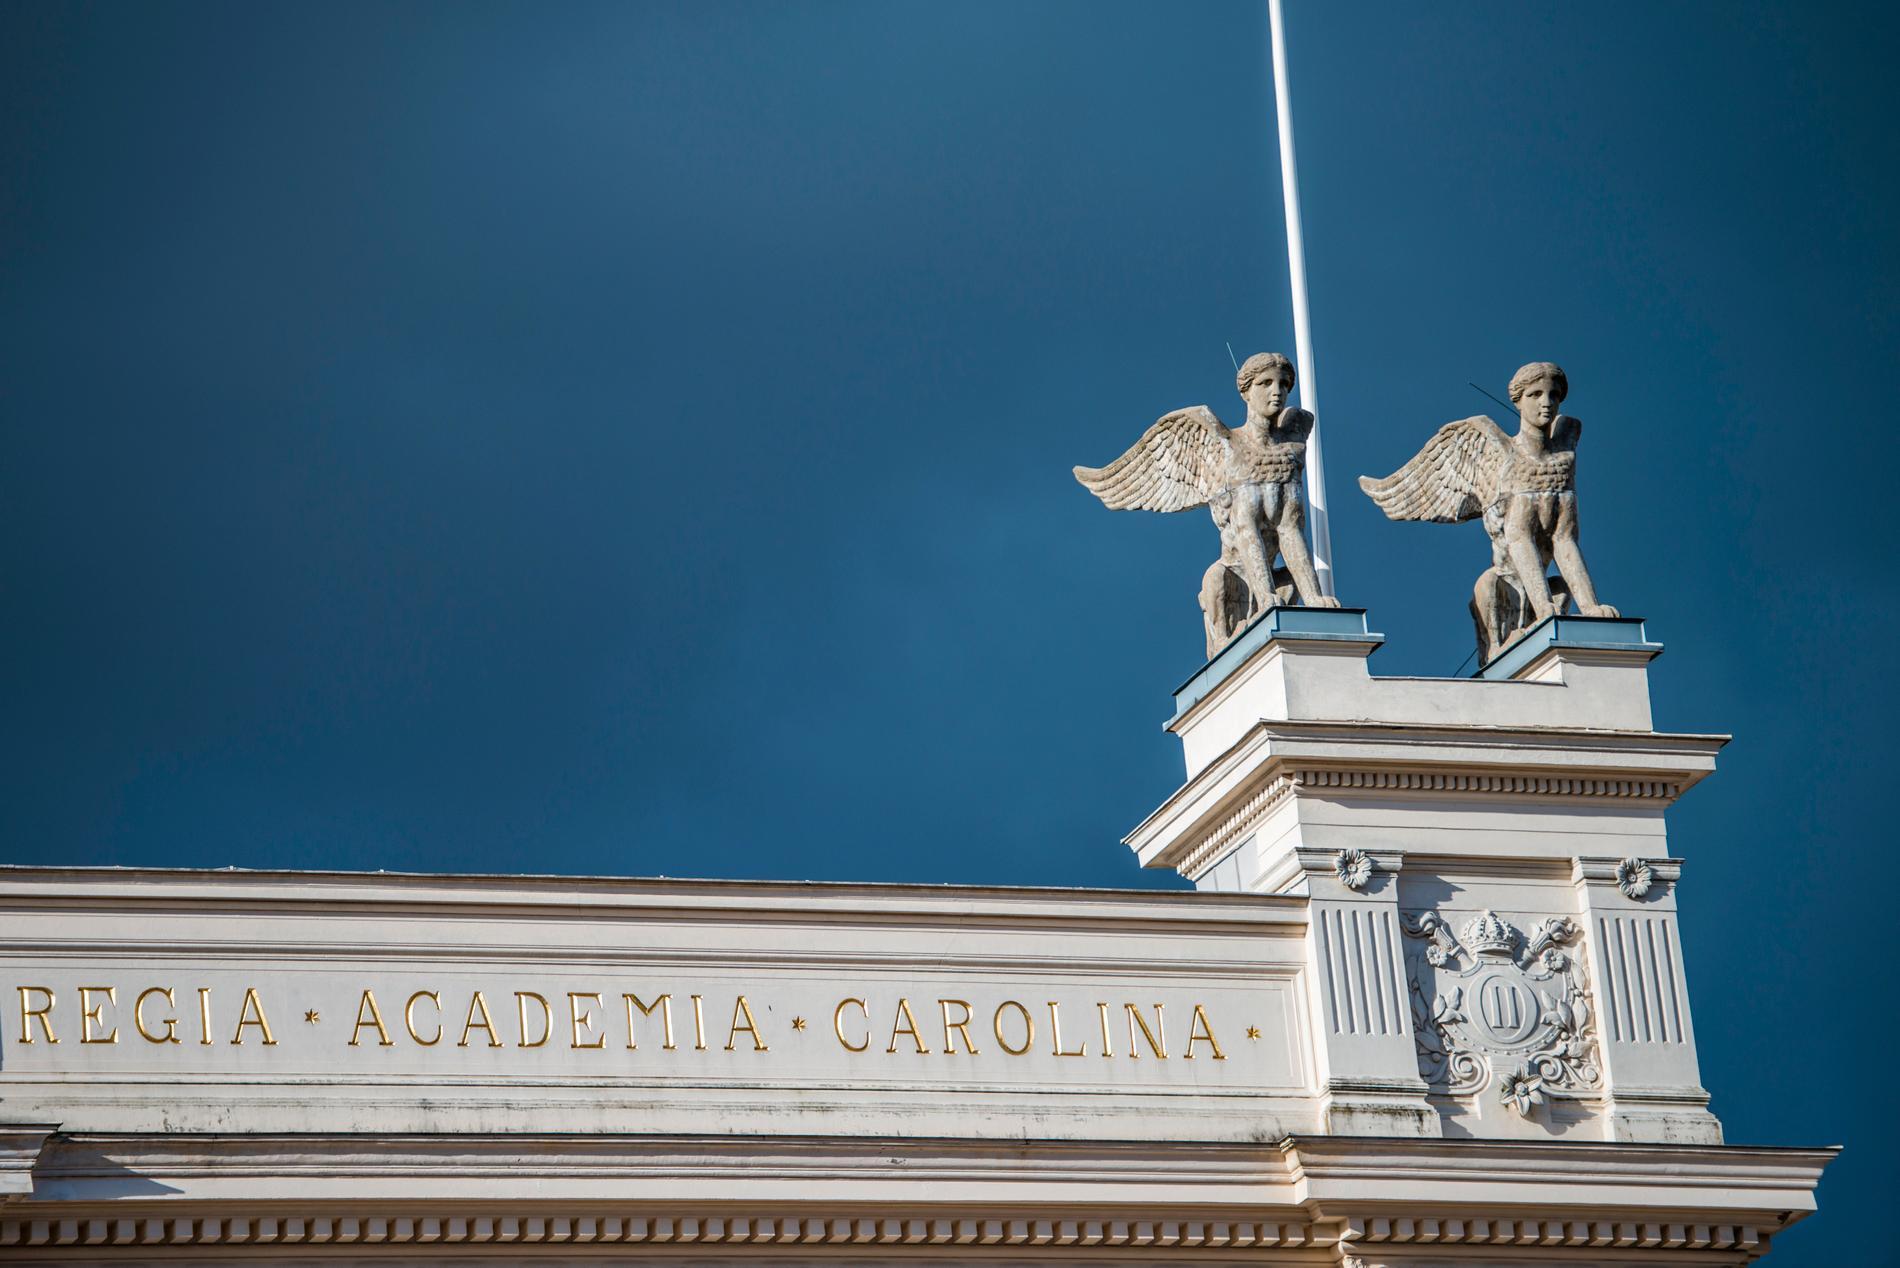 De fyra sfinxerna på taket av Universitetshuset i Lund måste gjutas om sedan sprickbildningar upptäckts på pjäserna. Arkivbild.